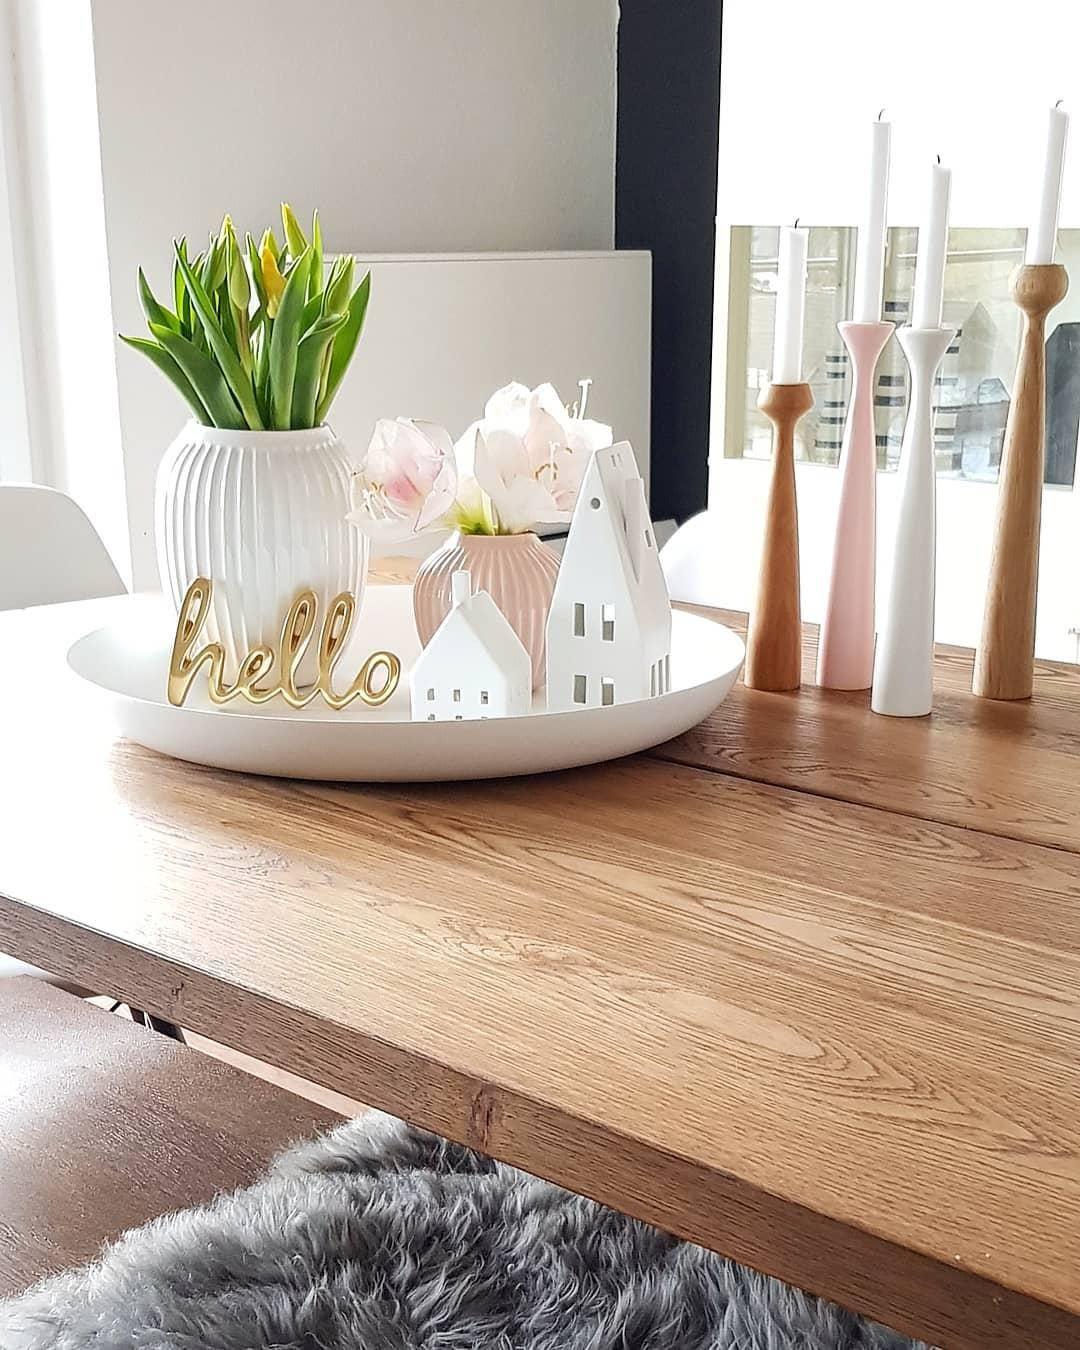 deko accessoires und wundersch ne kerzen sorgen auf diesem. Black Bedroom Furniture Sets. Home Design Ideas